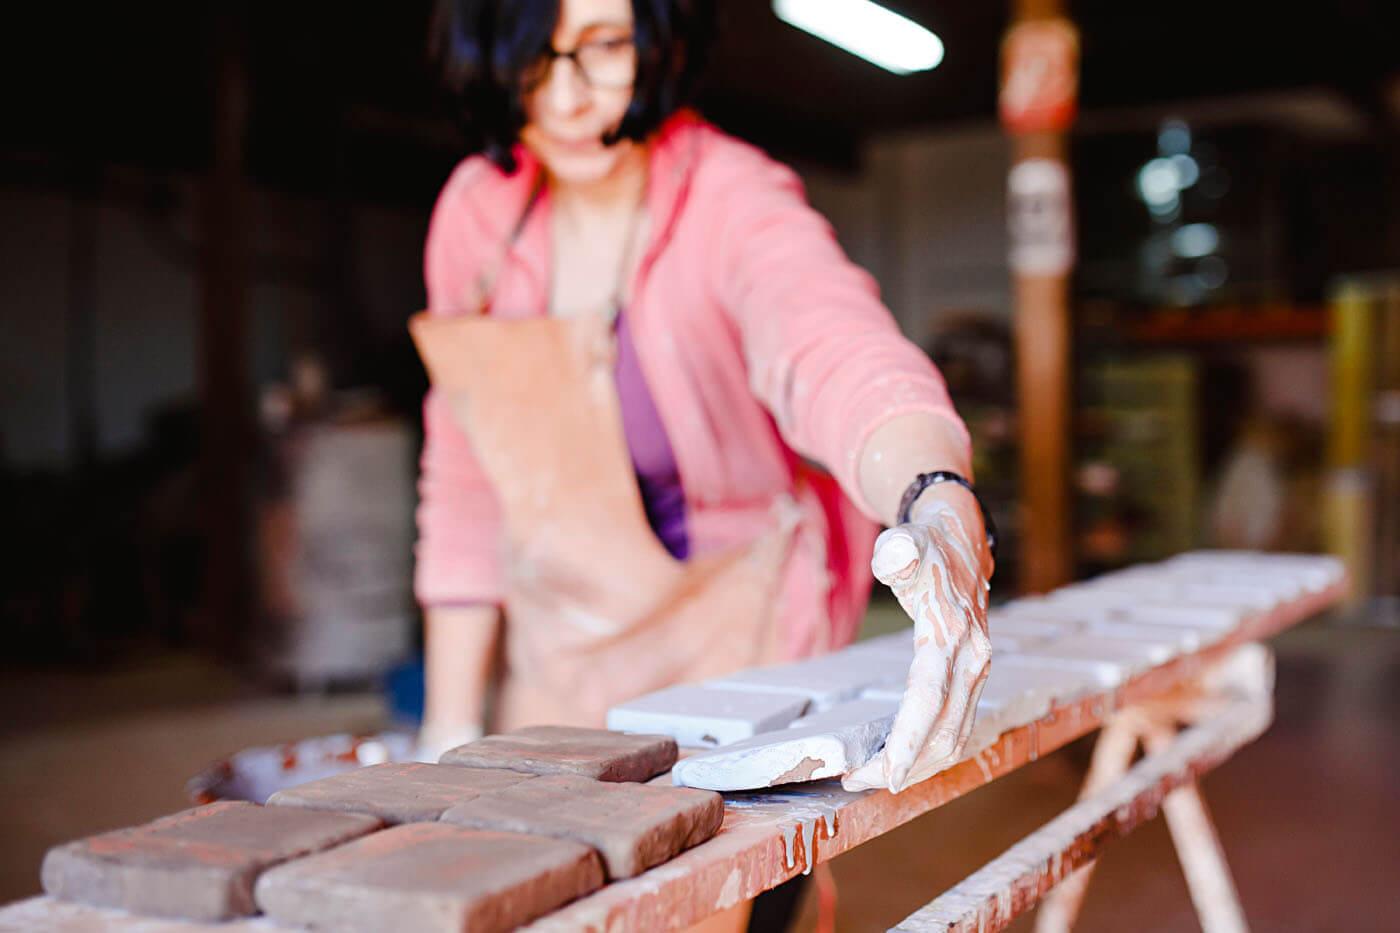 Neoartesania. Mujer trabajando con baldosas de barro cocido.